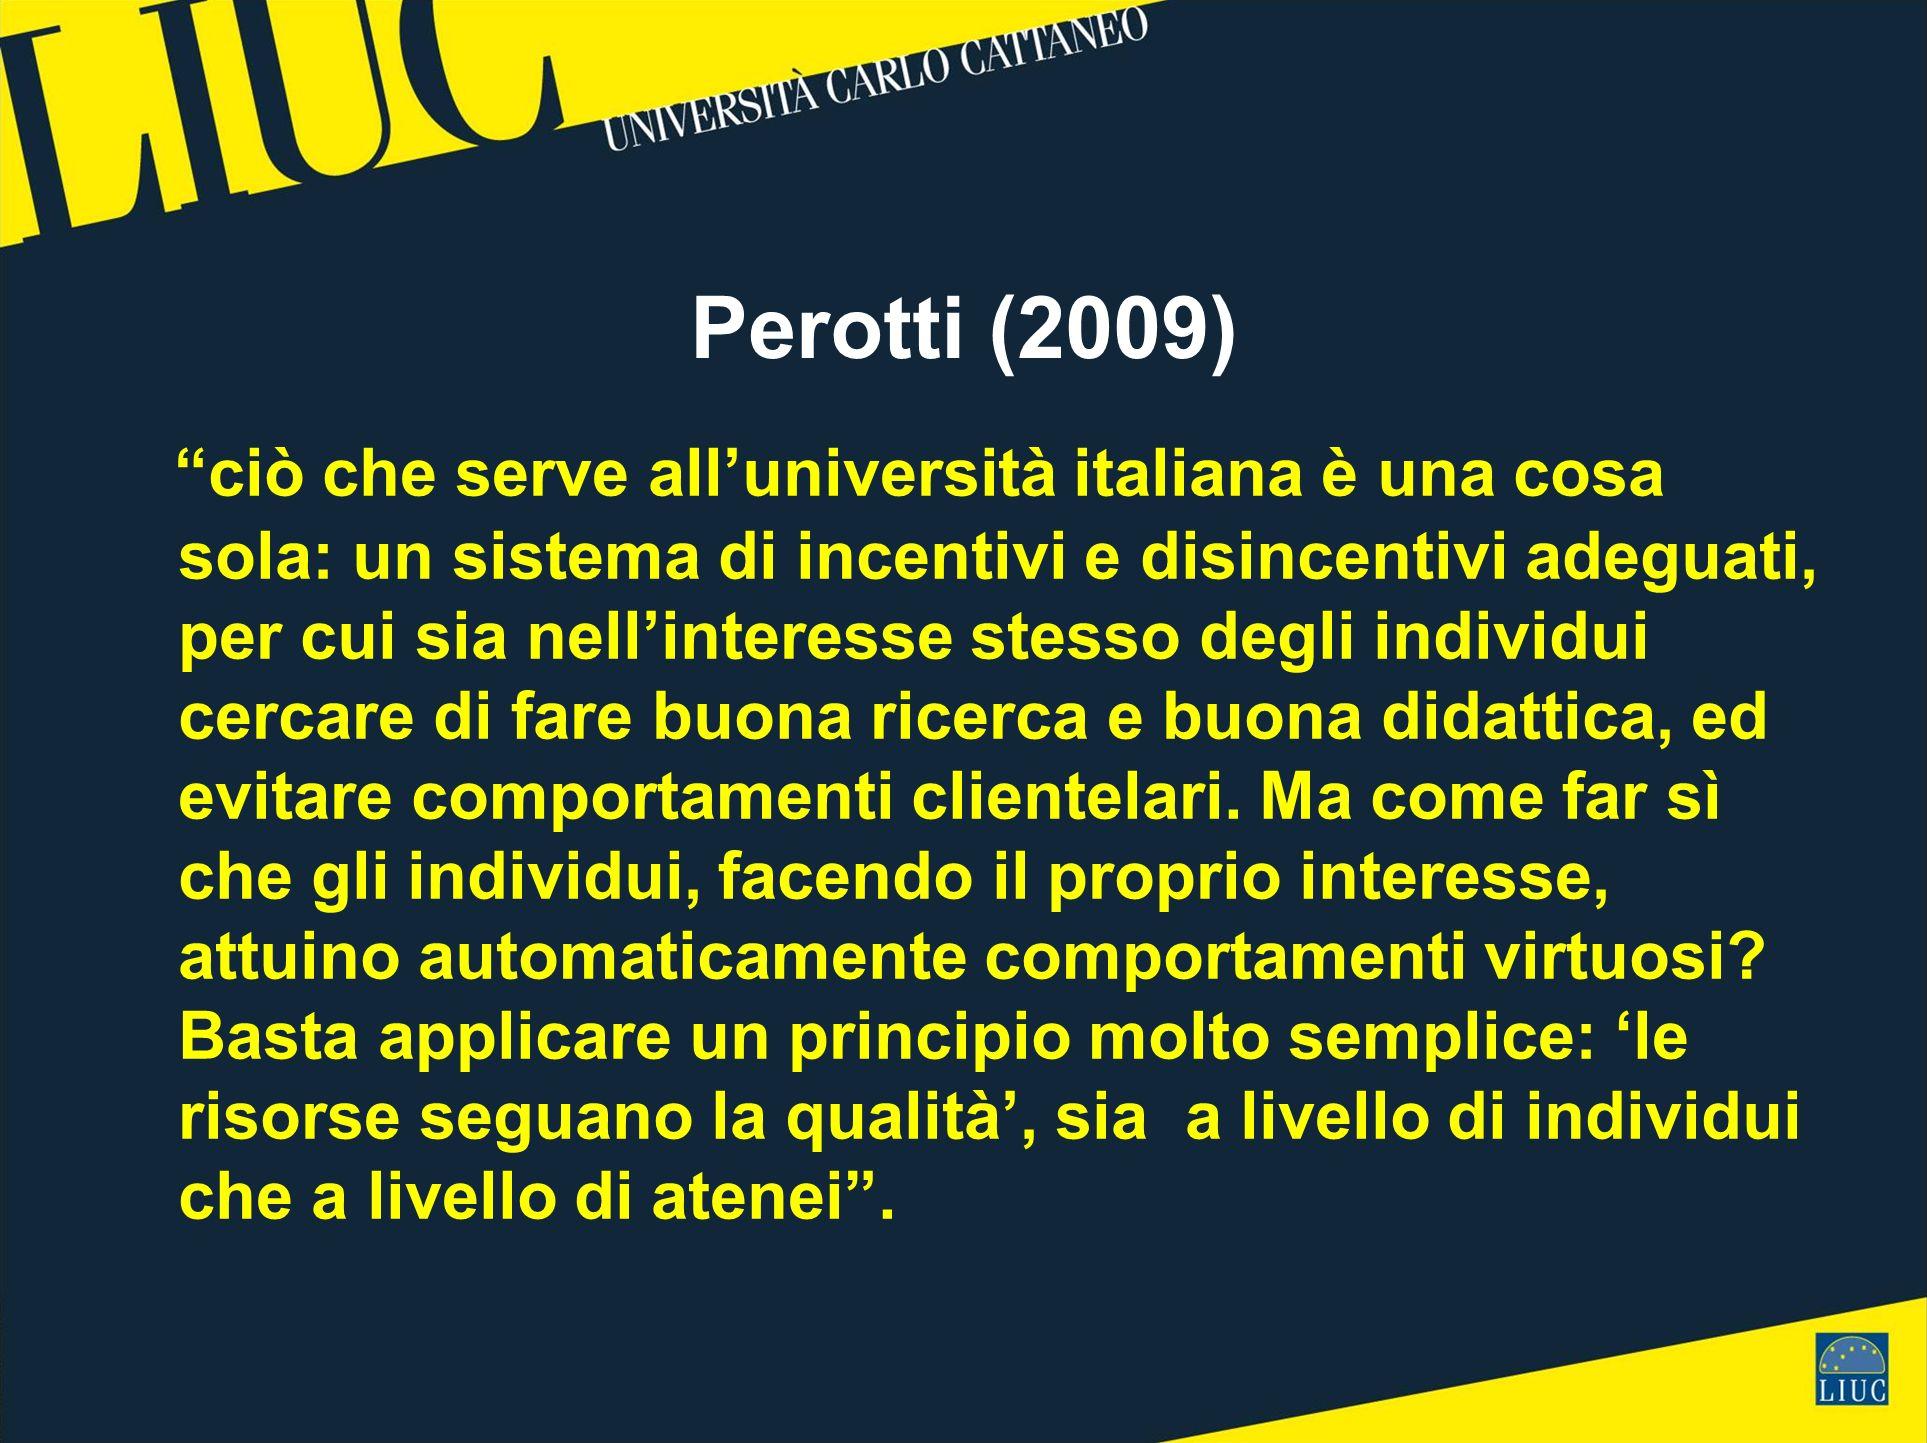 Perotti (2009) ciò che serve alluniversità italiana è una cosa sola: un sistema di incentivi e disincentivi adeguati, per cui sia nellinteresse stesso degli individui cercare di fare buona ricerca e buona didattica, ed evitare comportamenti clientelari.